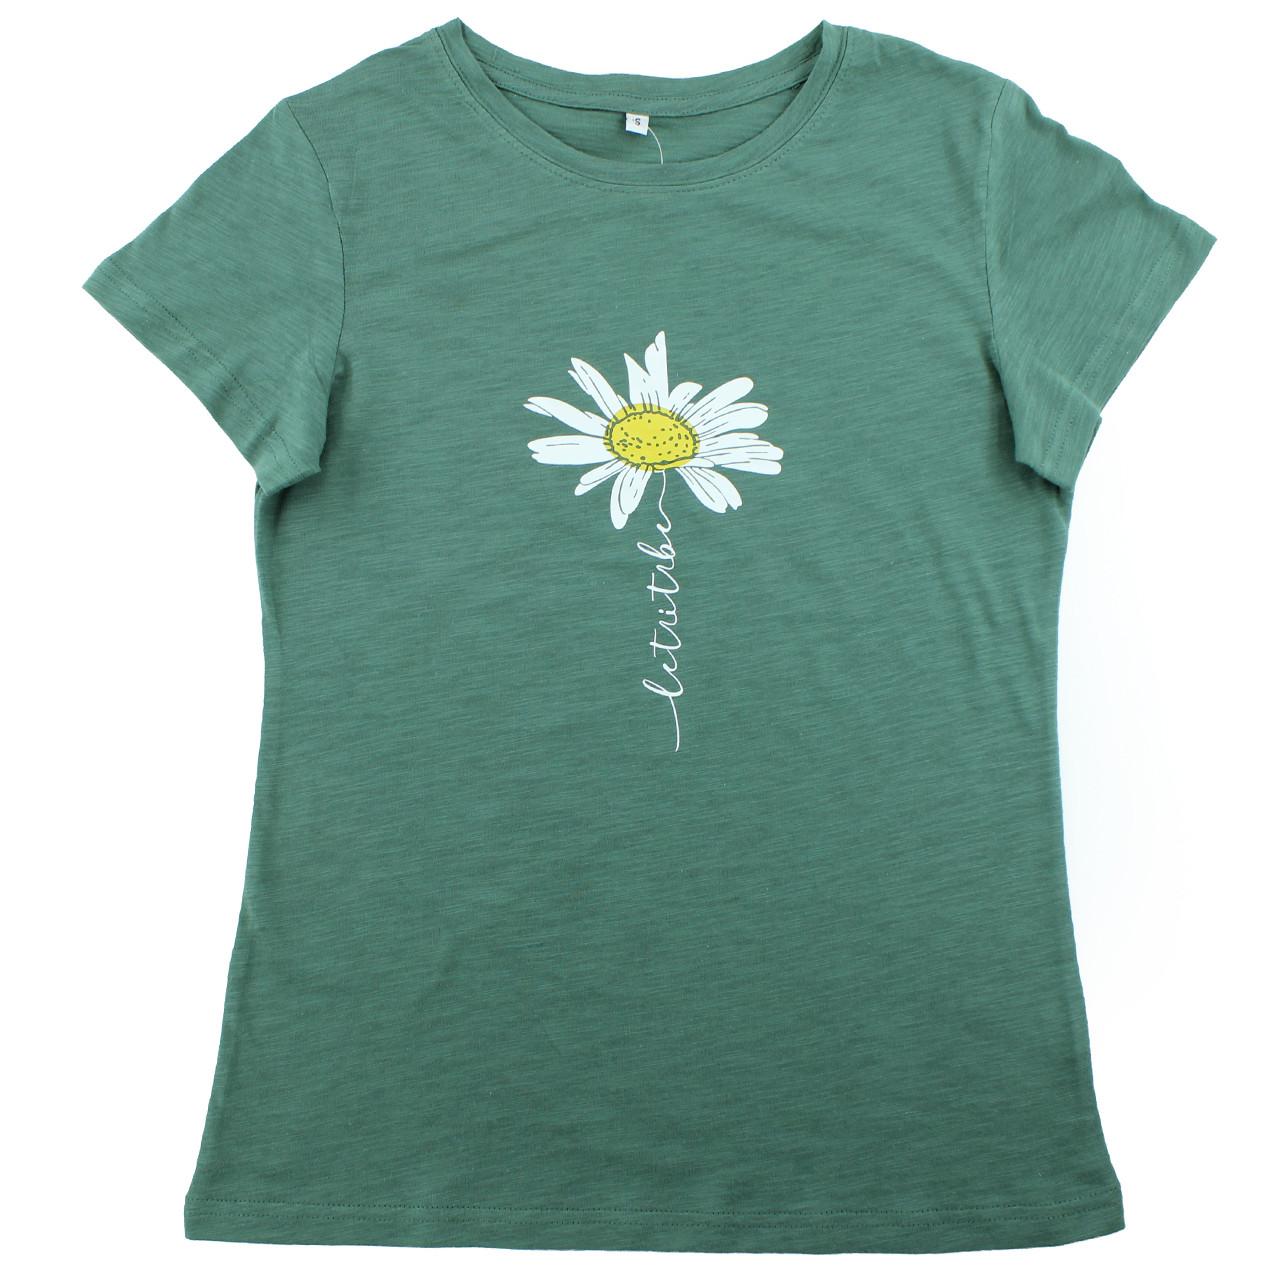 Підліткова зелена футболка зі складу з принтом ромашки, футболка з ромашкою